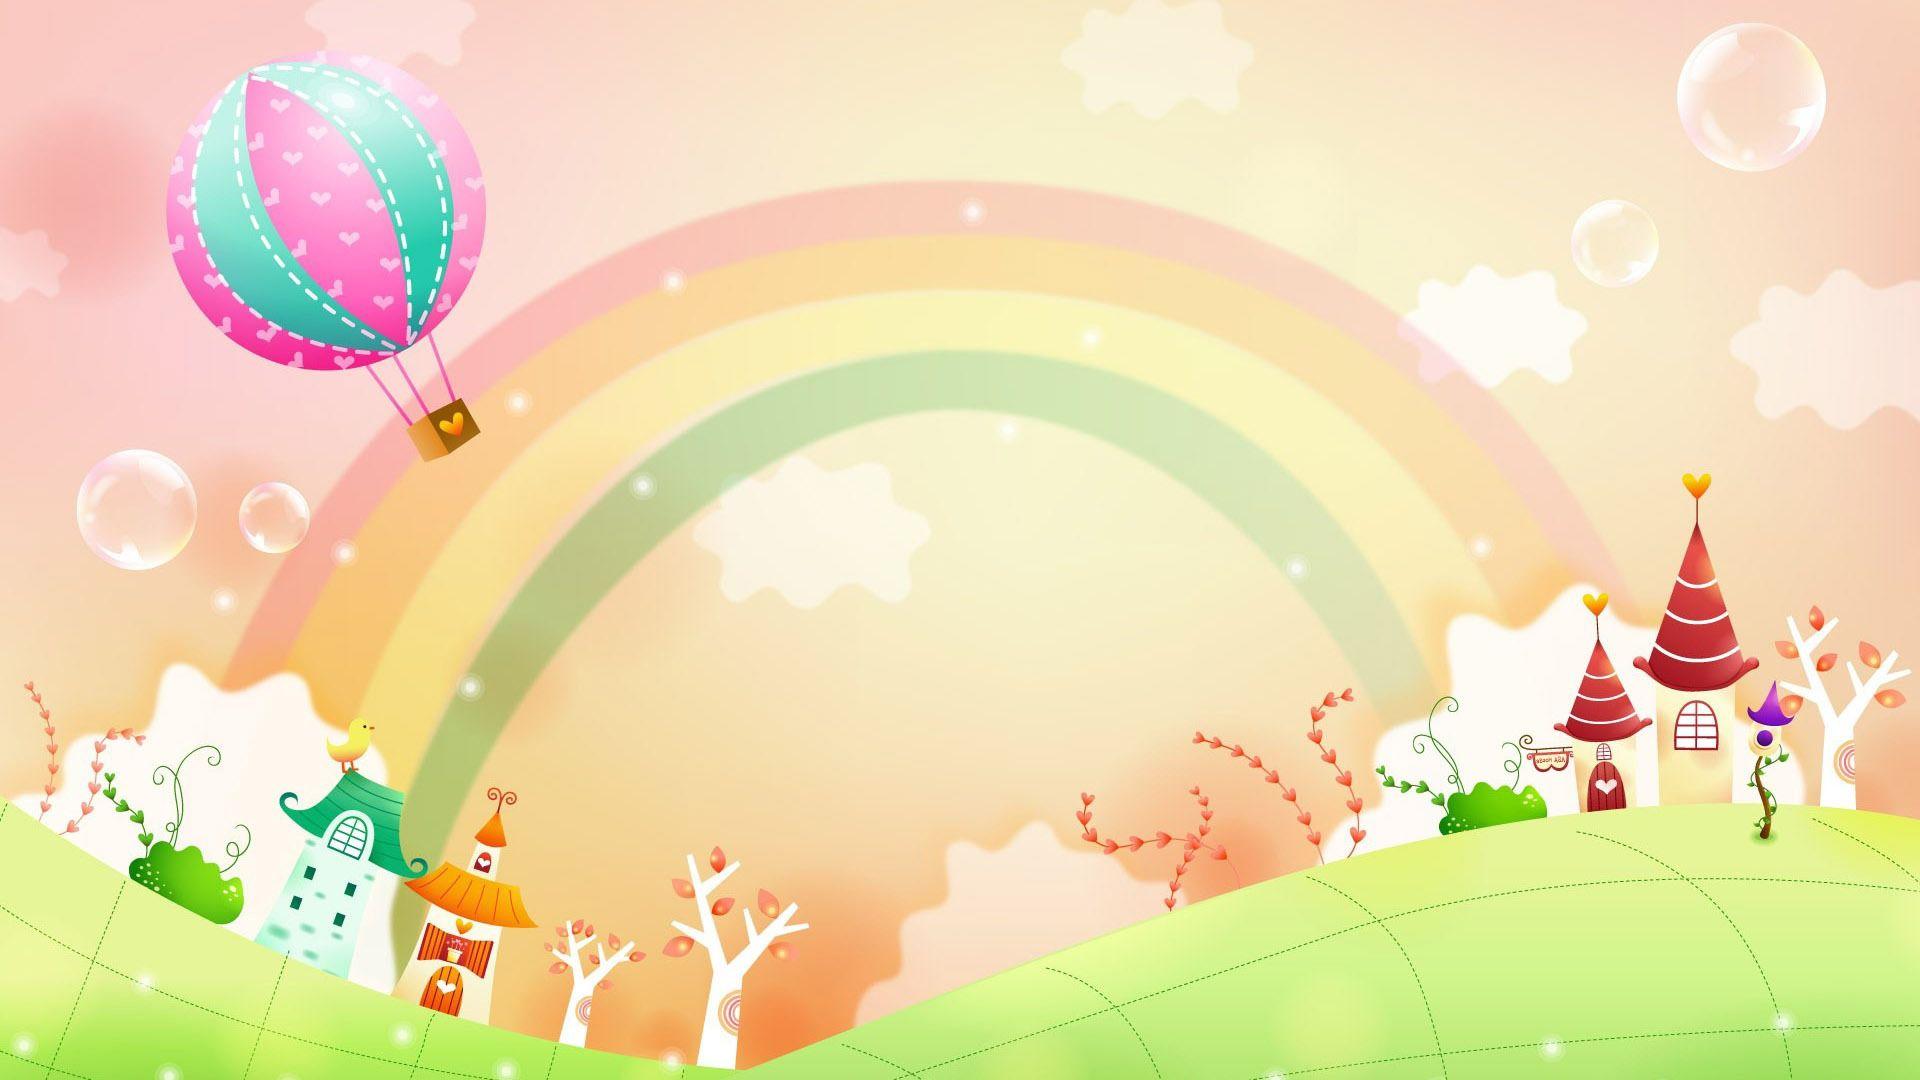 desktop wallpaper rainbow